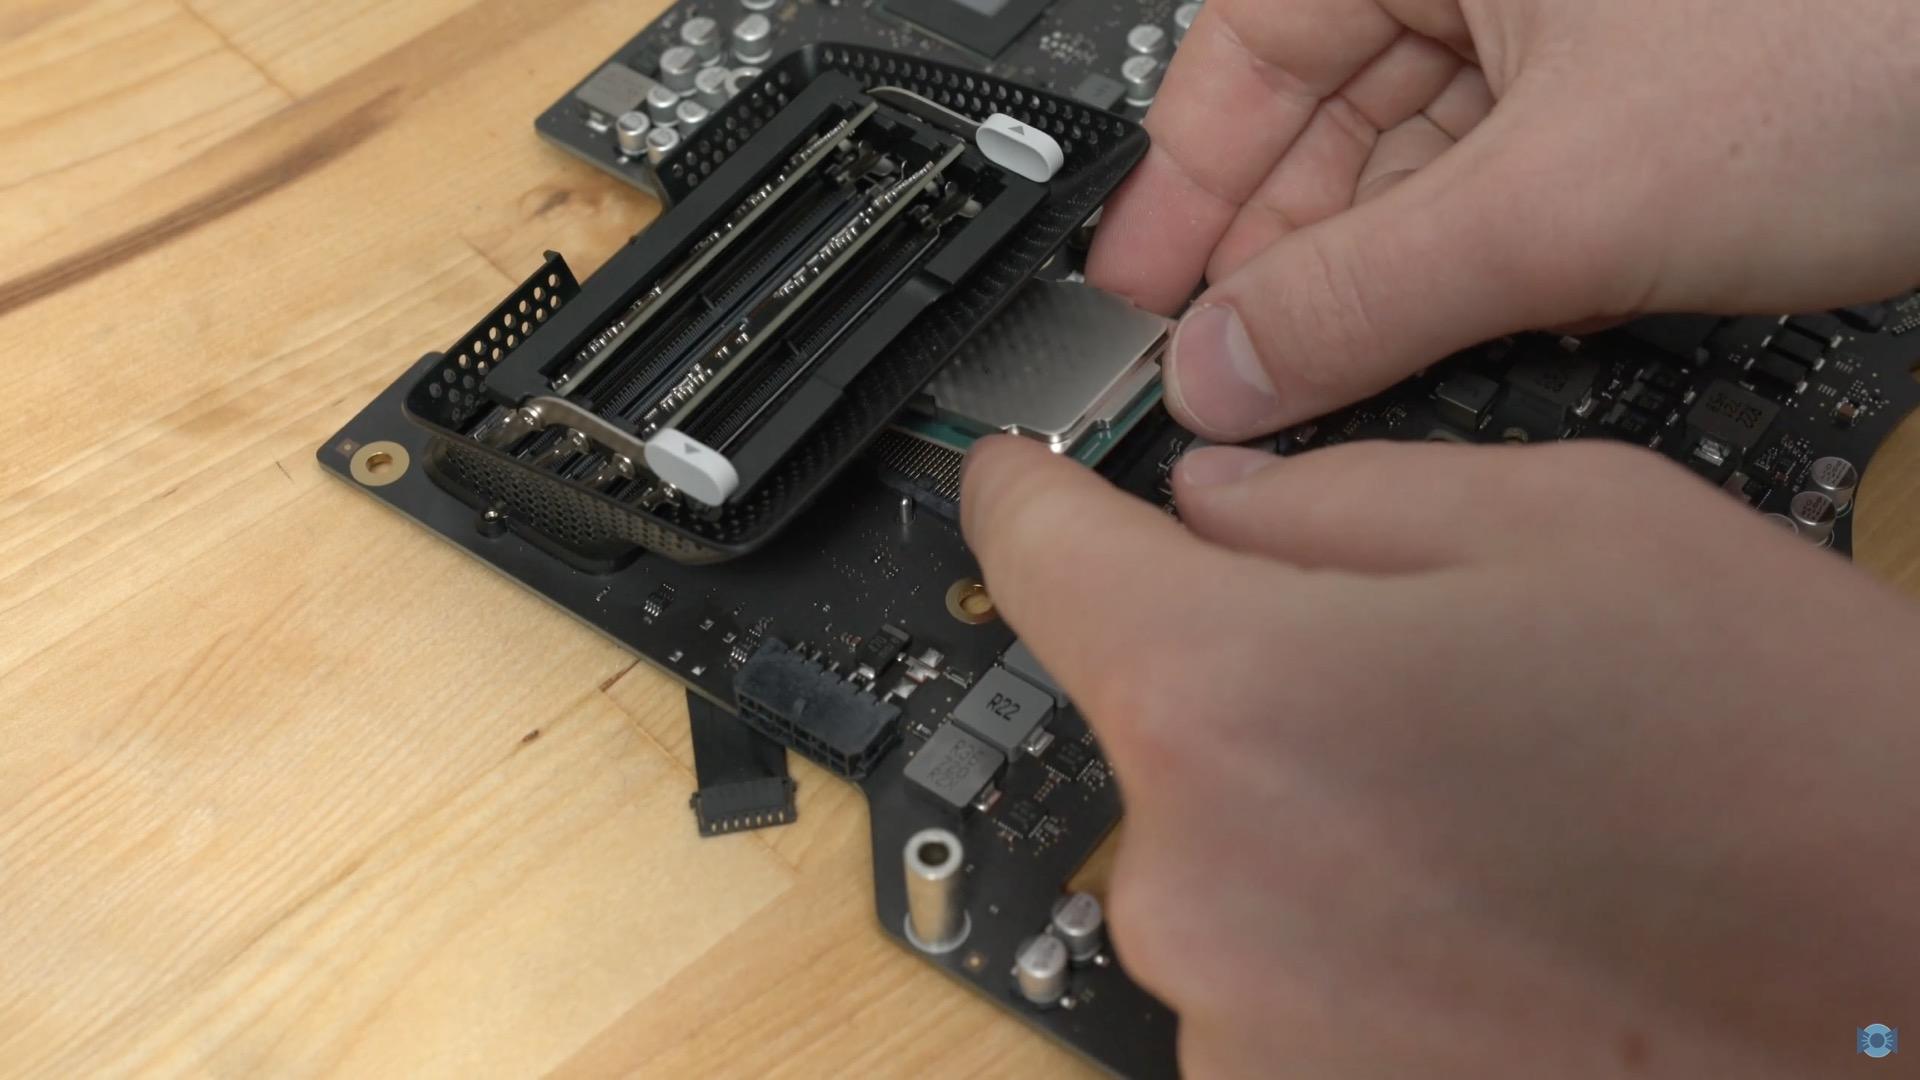 YouTuber upgrades base-model 5K iMac with seventh-gen Intel